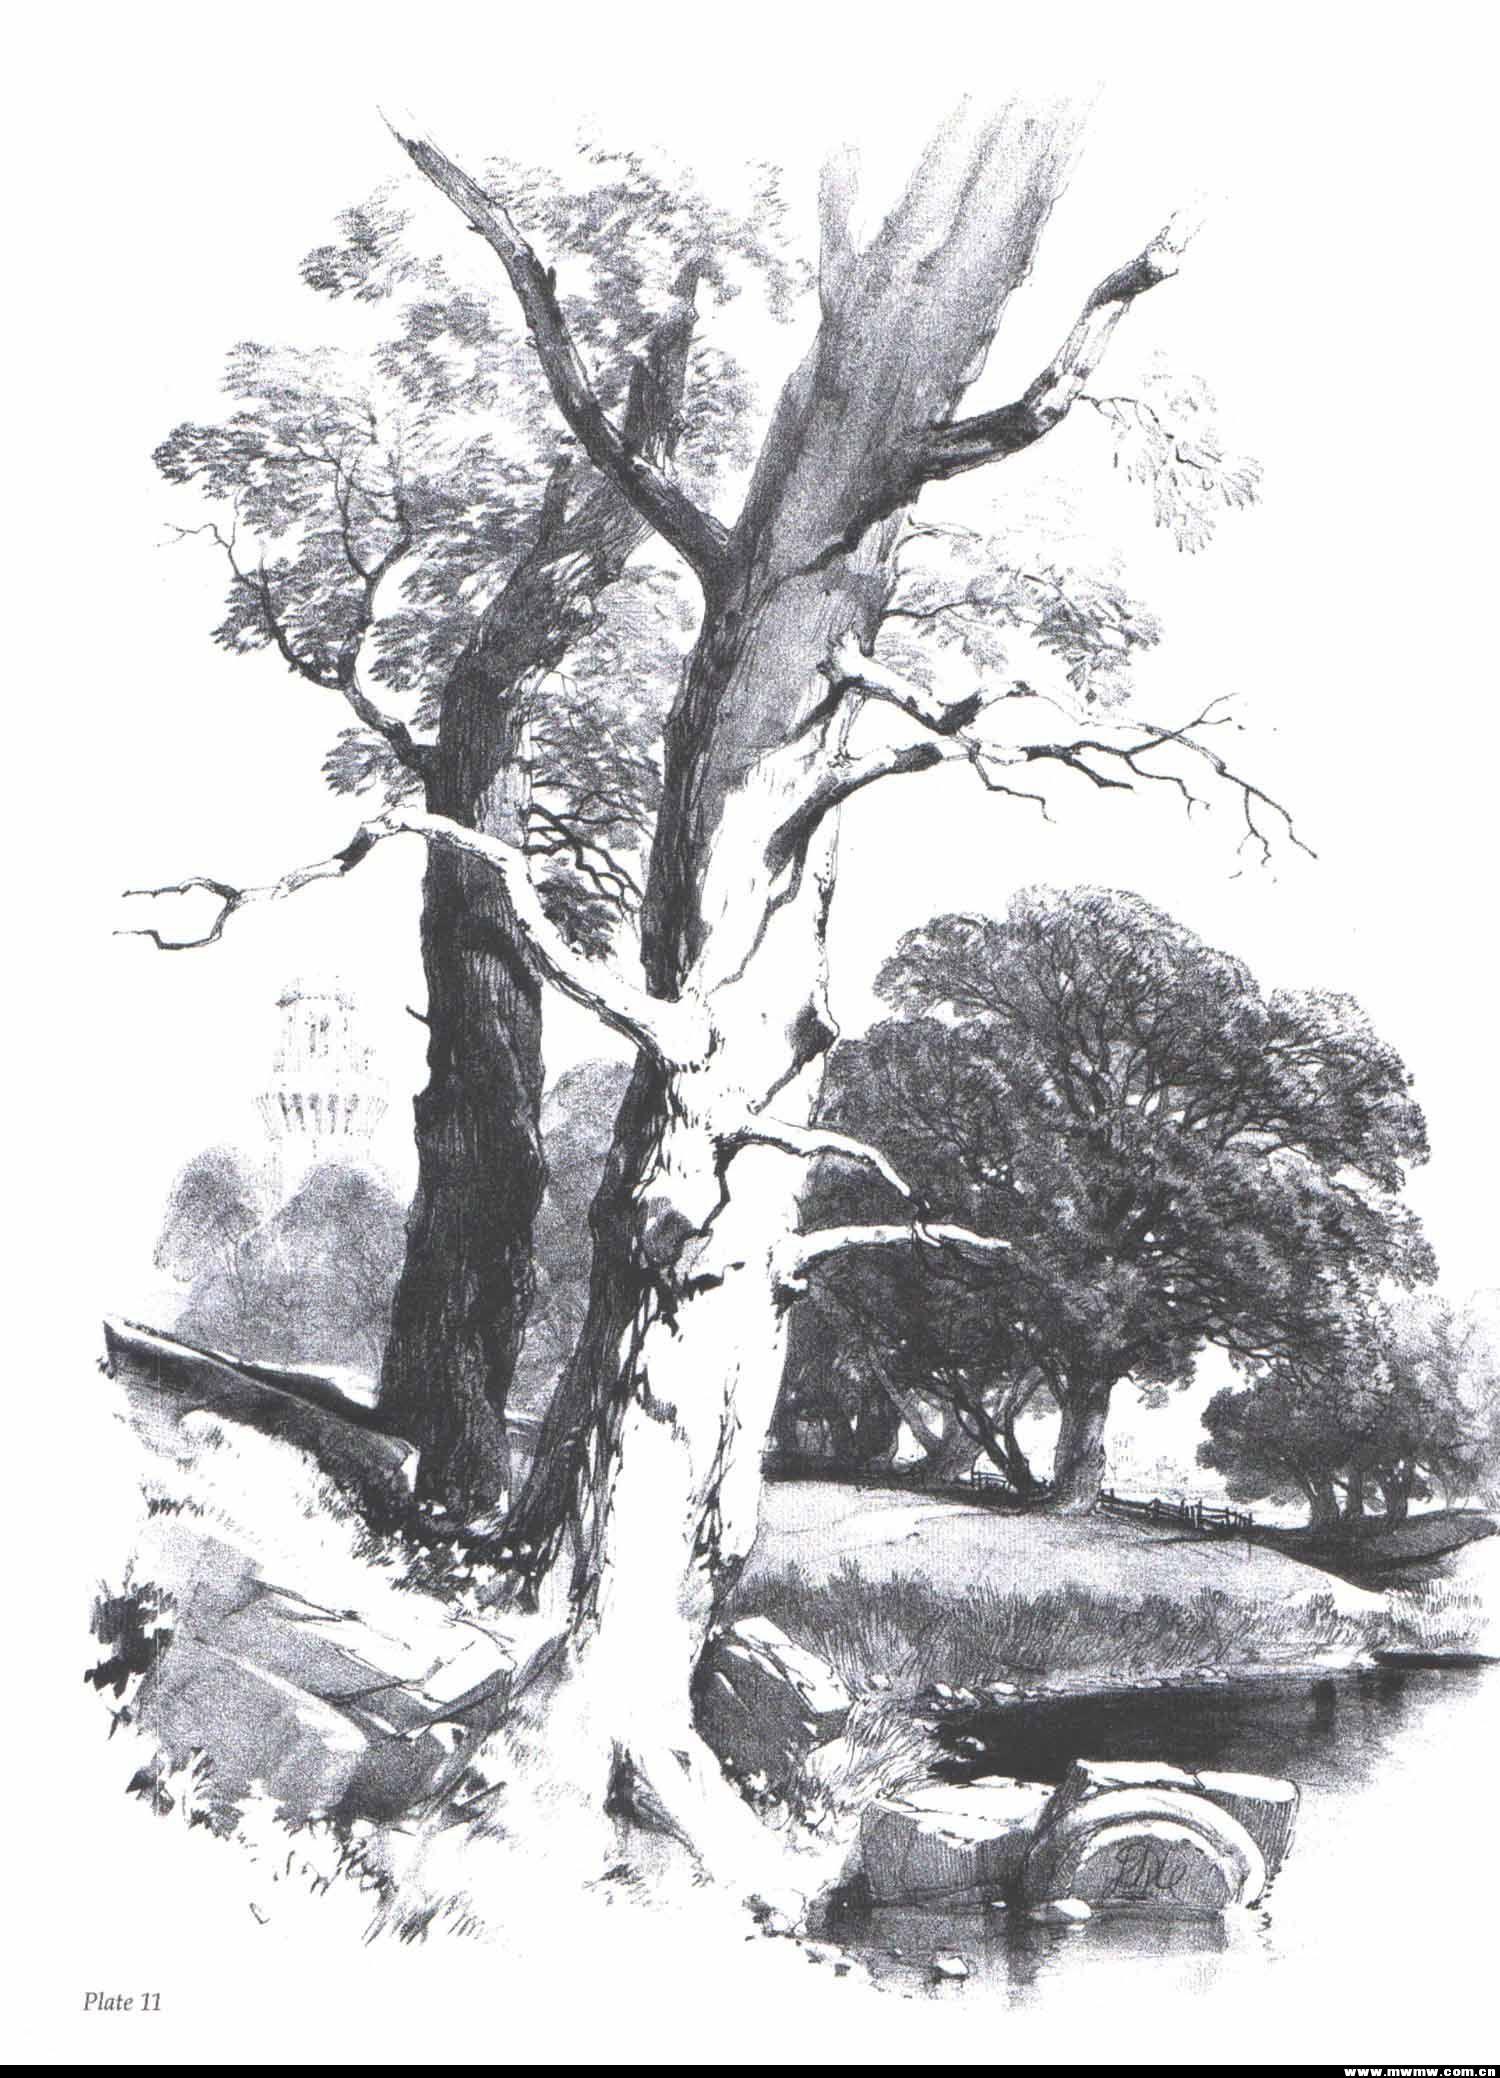 国外的一些手绘——树与自然风景